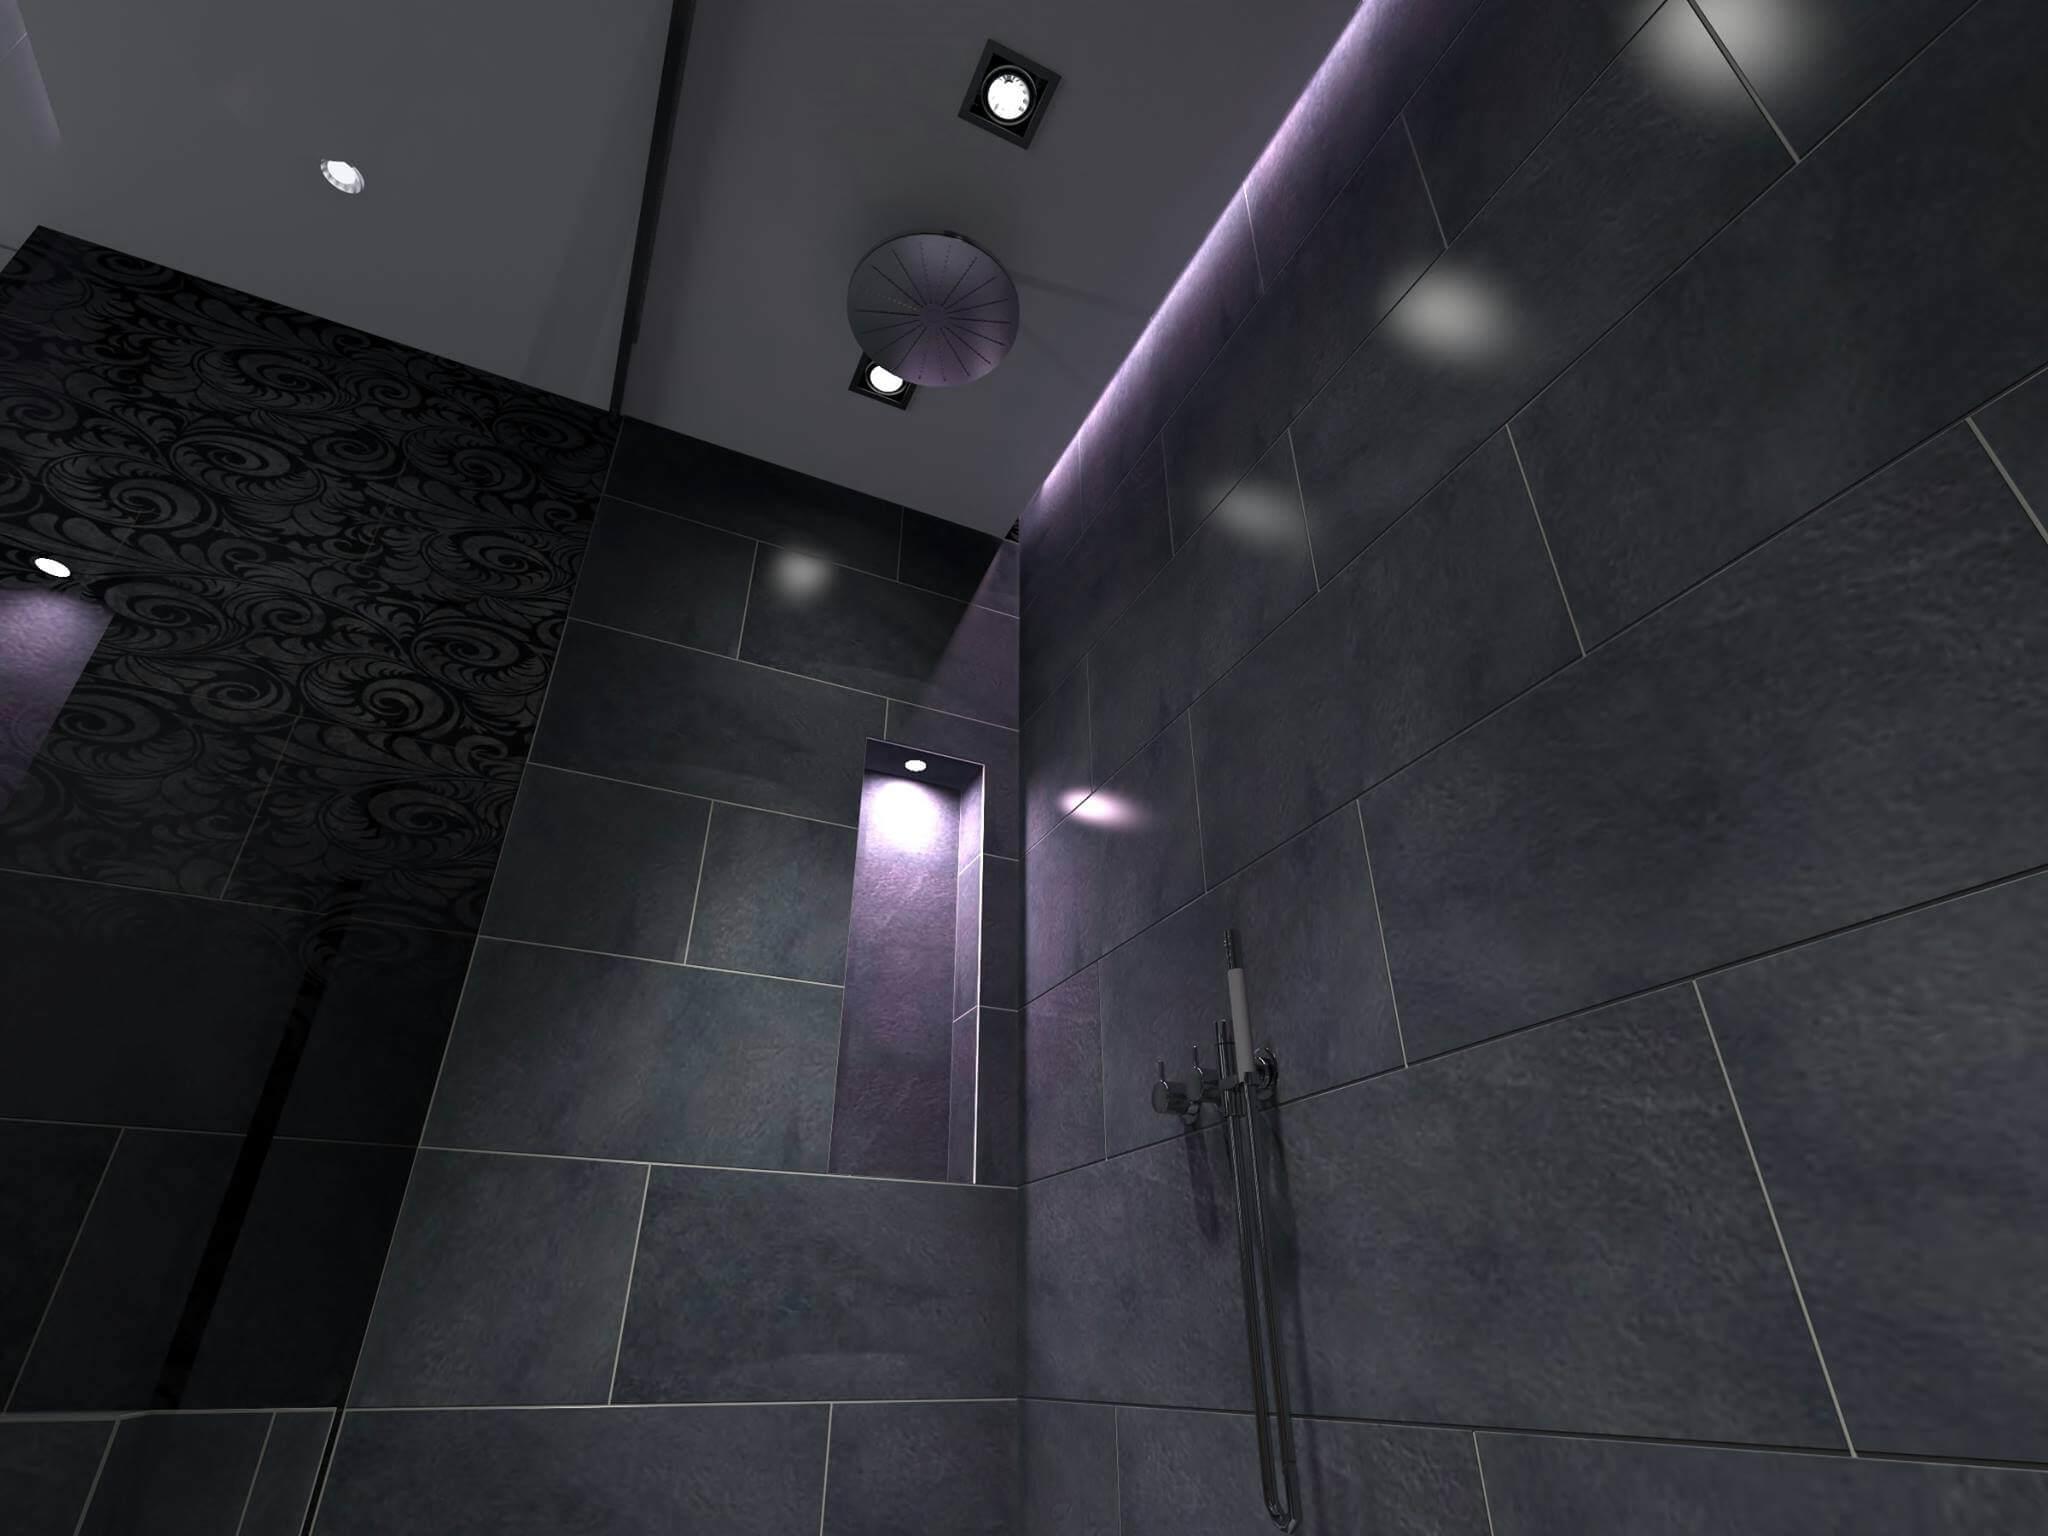 """Was bedeutet Wellness?! – Ein Bad Design, High-End Lichtdesign, exklusive Luxus-Bäder und eine reinigende Badkultur, das sich über den Körper auf die Psyche ausweitet. Faszinierende emotionsstarke Bilder entstehen im Kopf, wenn man sich Einrichtungstipps für das beste Badezimmer in seinem Zuhause oder das glamouröse Badambiente eines Premium Spa vor Auge führt. Wenn Sie ein Bad planen oder Ideen für kleine Bäder sammeln, führt kein Weg an der 3D Visualisierung der geplanten Badgestaltung und des Bad Design vorbei. Mittels moderner Innenraumvisualisierung erhalten Sie fotorealistische Bilder, in denen das Konzept Design by Torsten Müller zum Leben erwacht und Sie direkt in die Realisation der Luxus Wohnideen aus """"Schöner Wohnen"""" mitnimmt. Zukunftsweisendes Interieur Design mit dem Badezimmer Designer Torsten Müller"""